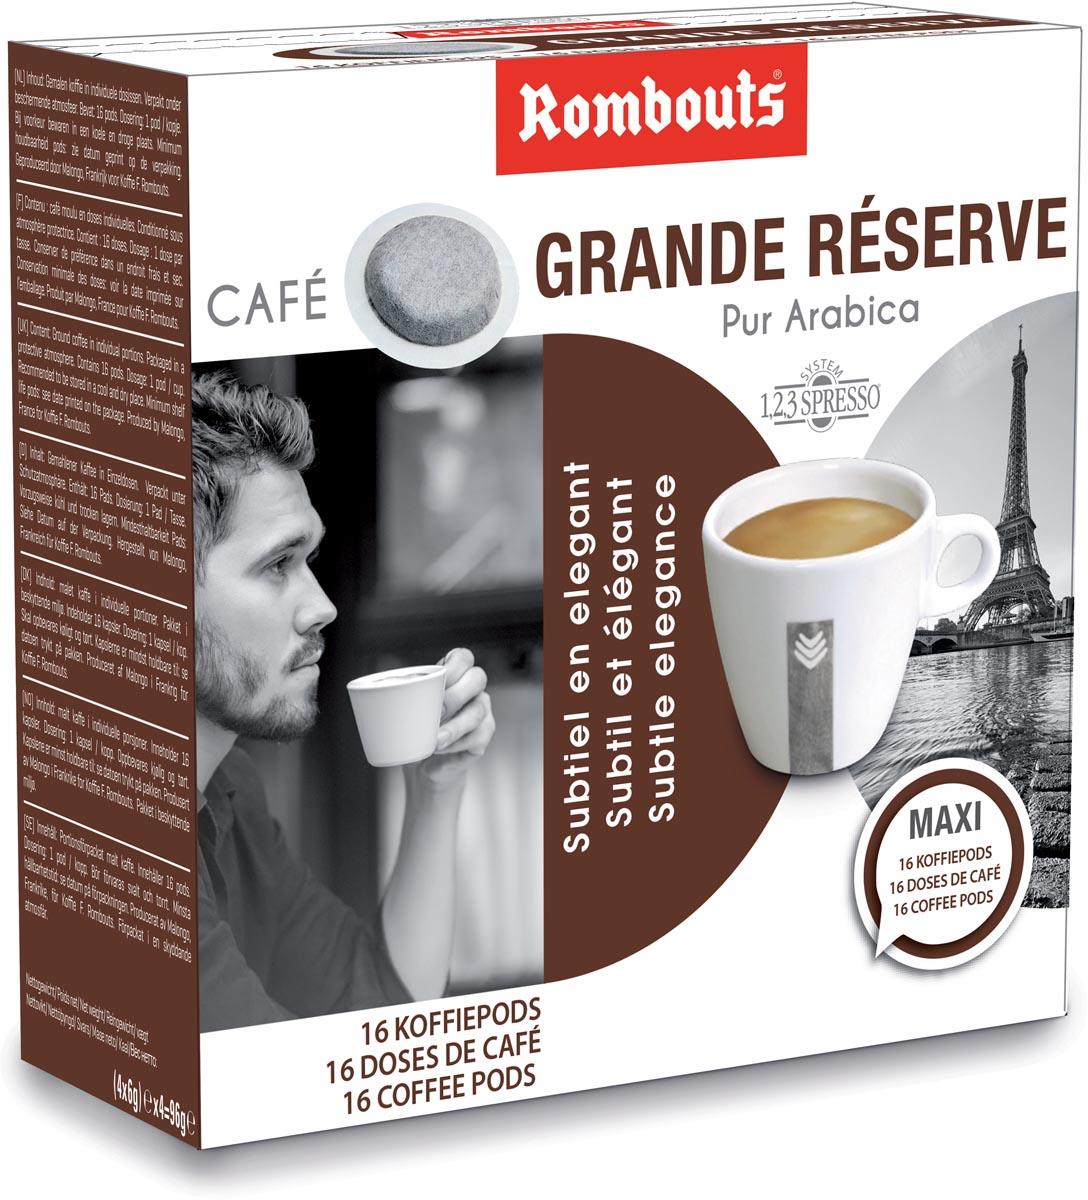 Rombouts koffiepads voor espresso, Grande Réserve, pak van 16 stuks